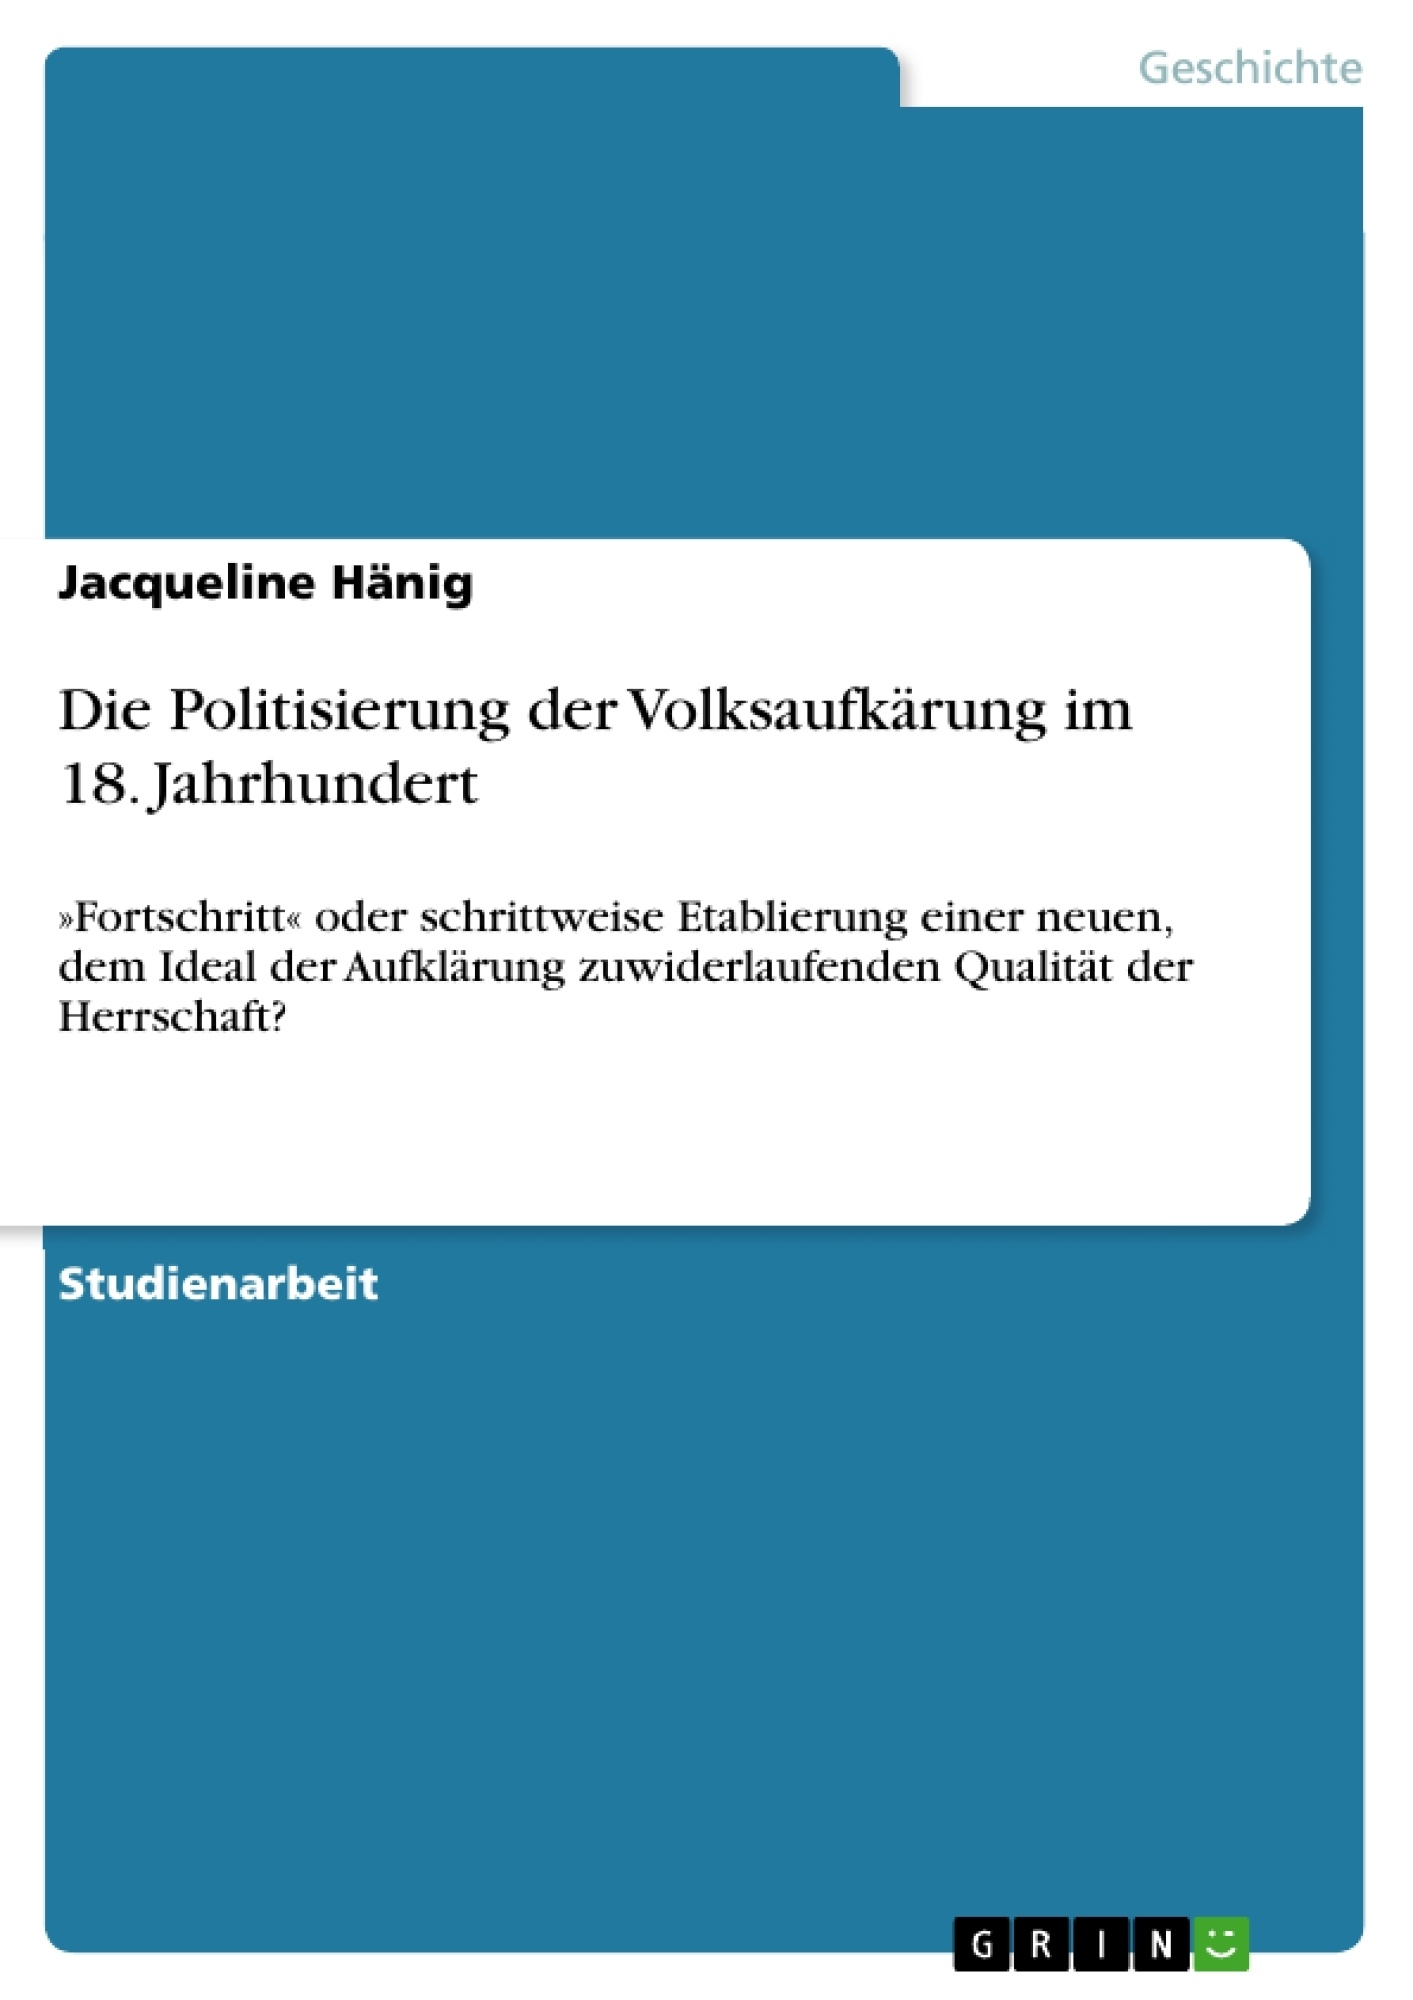 Titel: Die Politisierung der Volksaufkärung im 18. Jahrhundert